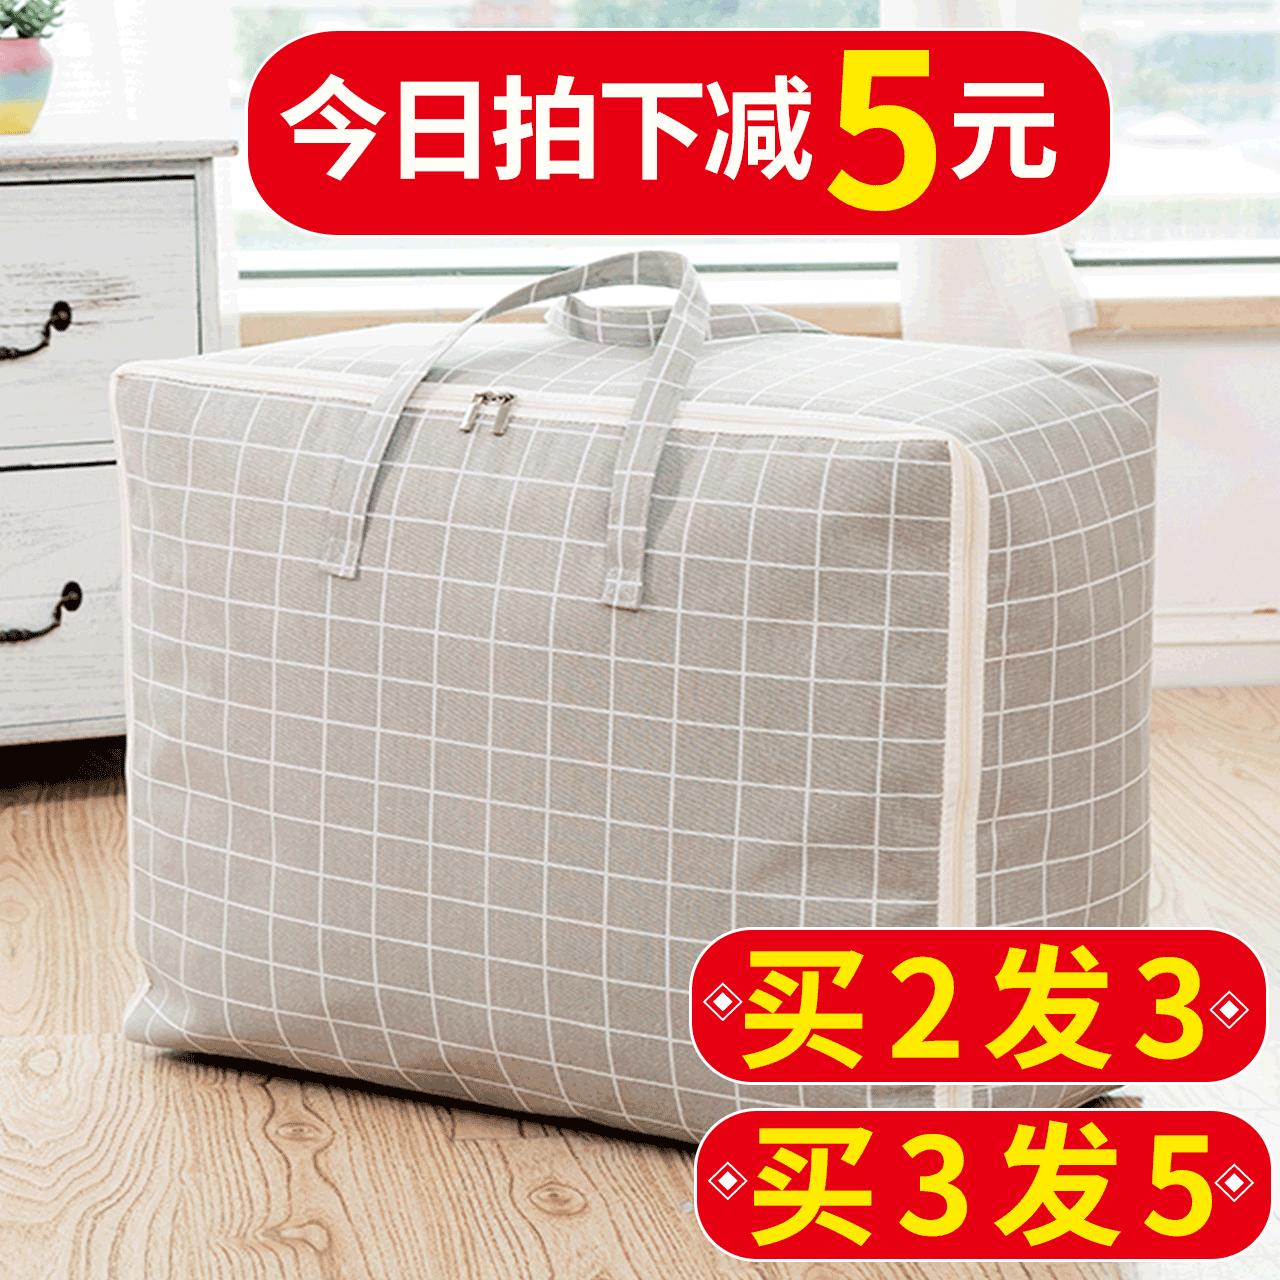 棉被子收纳袋整理袋衣服打包袋装被子的袋子行李袋宿舍袋搬家神器